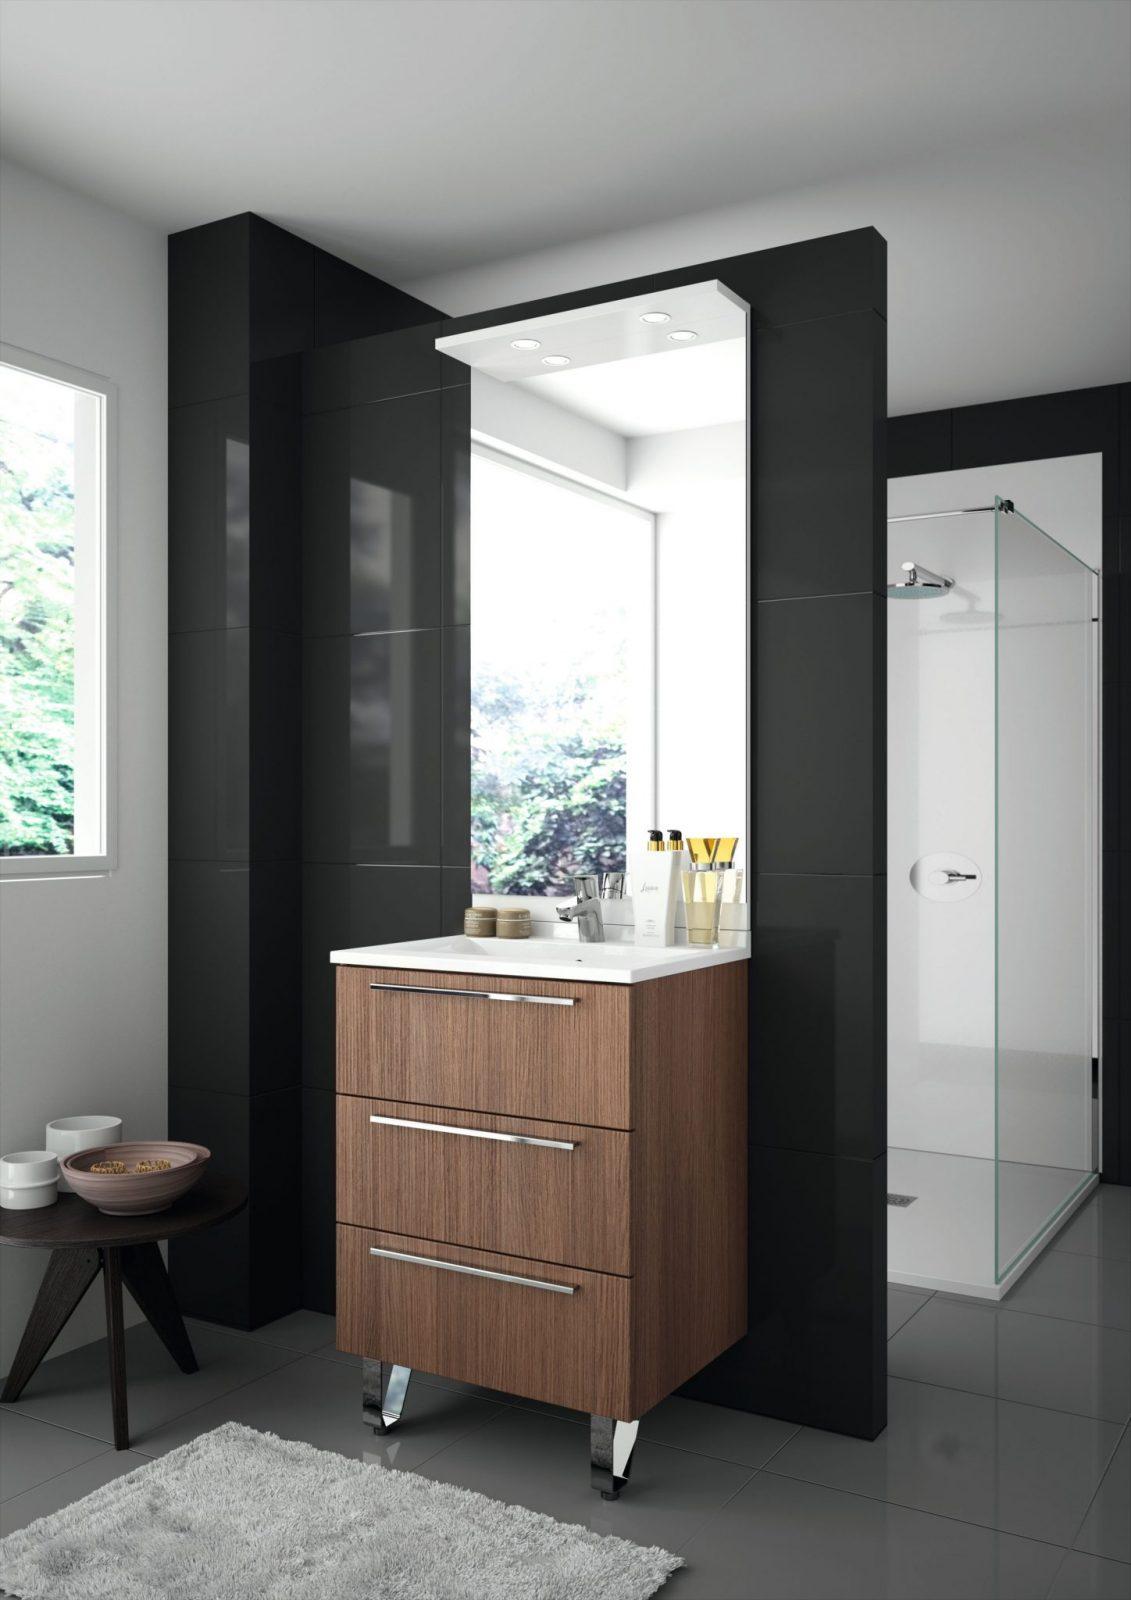 mobilier au sol dans salle de bain fiche produit. Black Bedroom Furniture Sets. Home Design Ideas